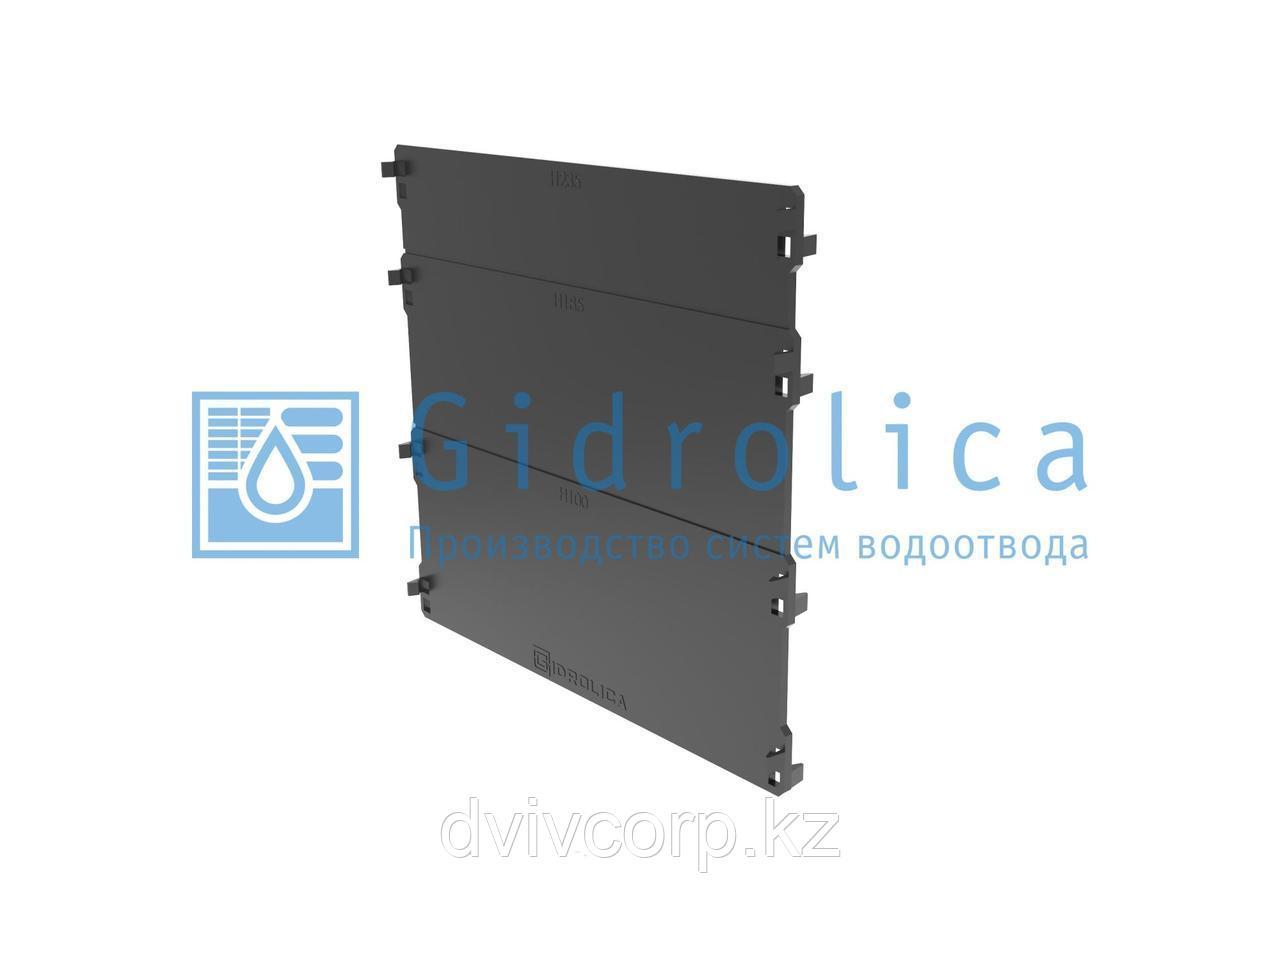 Арт. 18201 Торцевая заглушка для лотка водоотводного Gidrolica Standart/Standart Plus, пластиковая